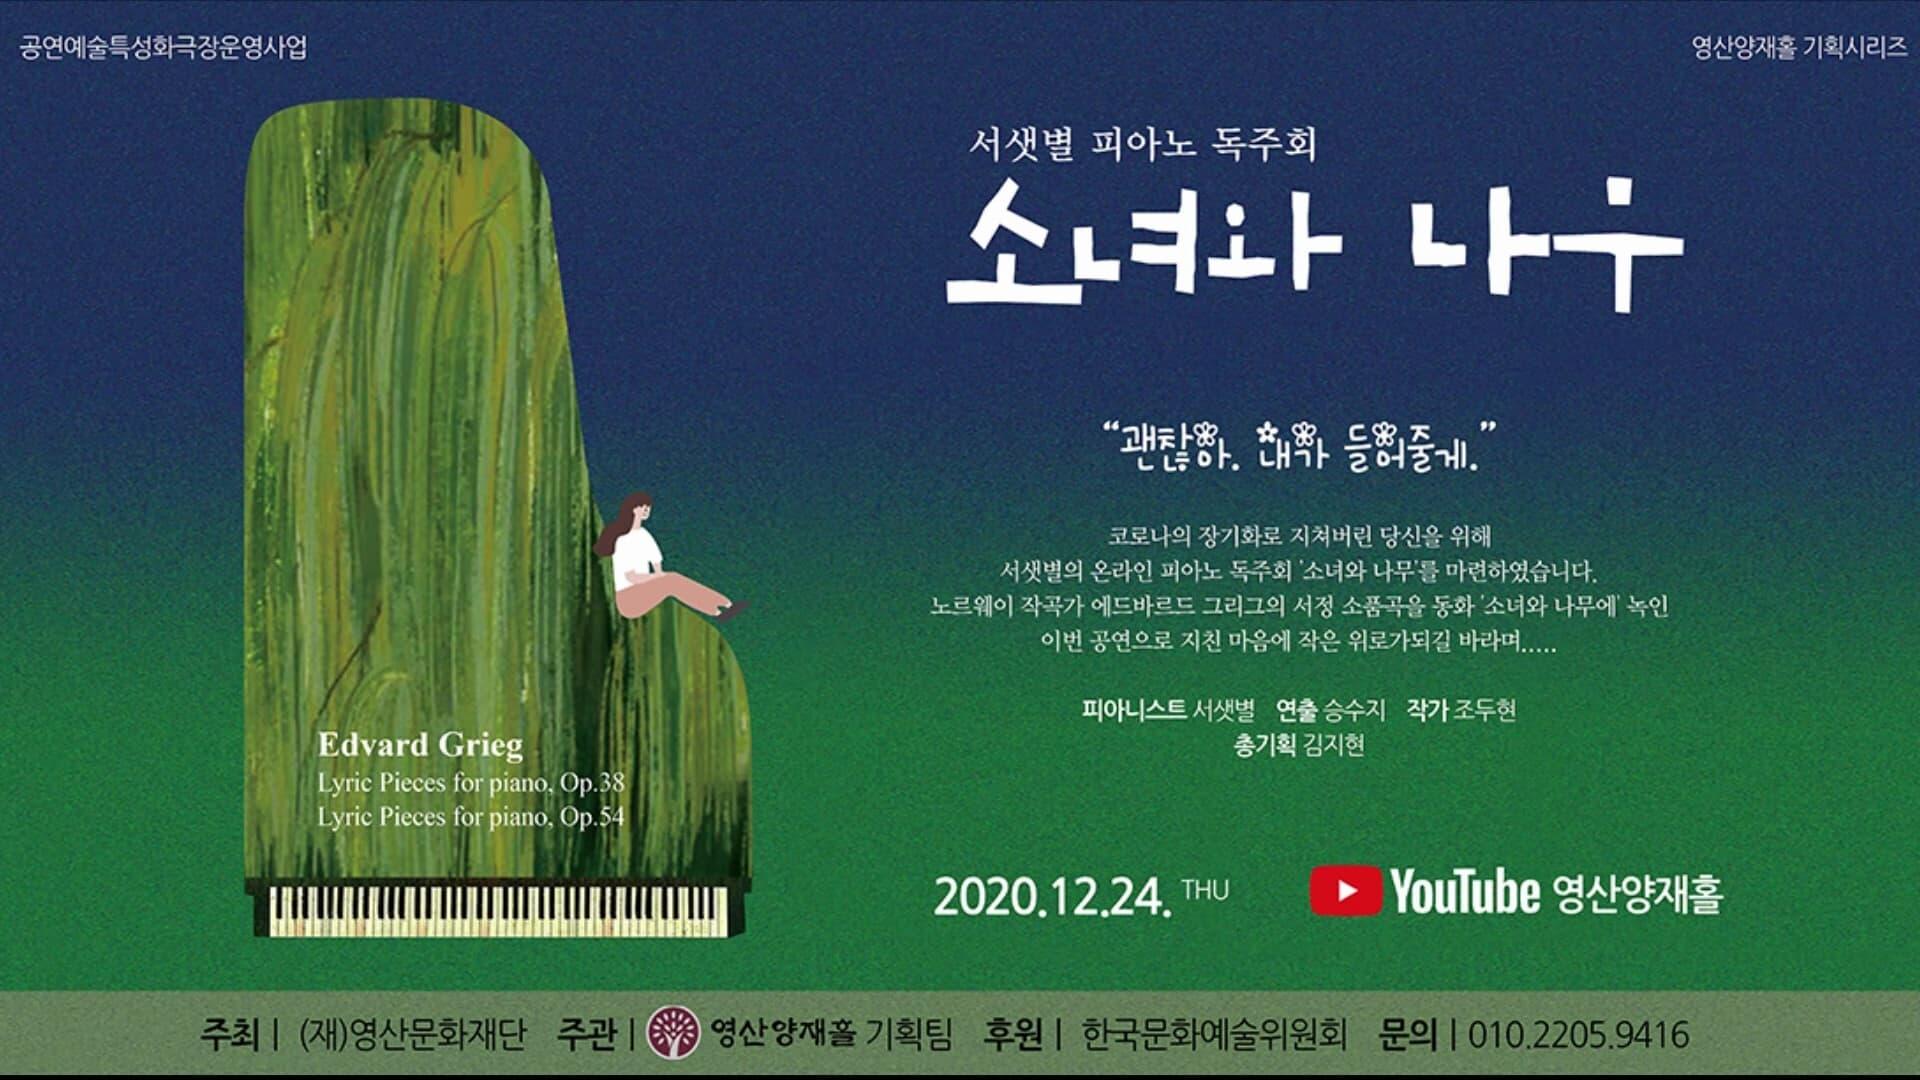 [영산양재홀] 온라인 공연 '소녀와 나무'